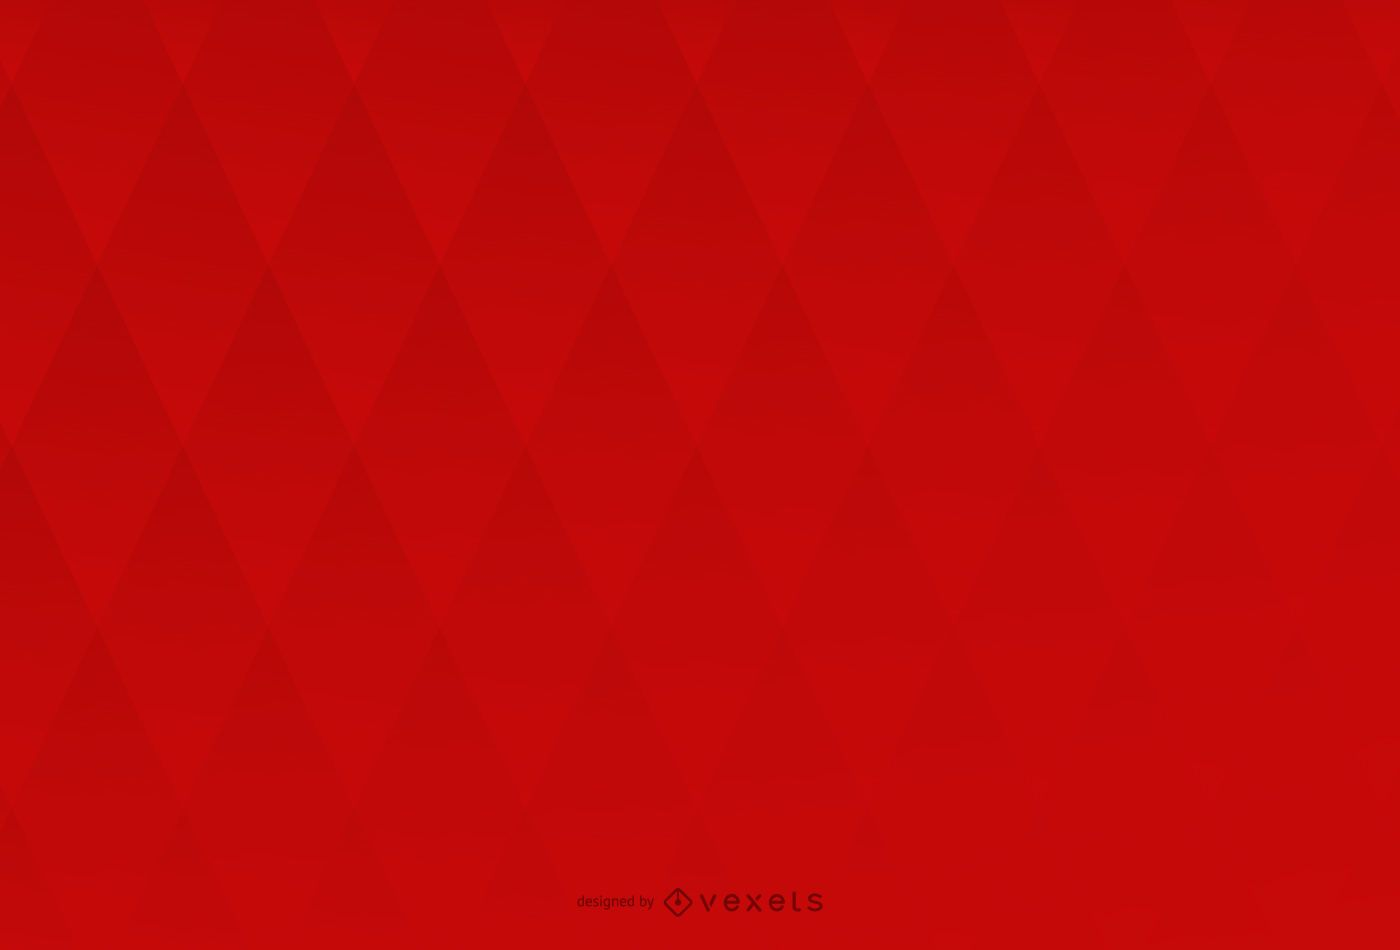 Design 3d Online Dise 241 O De Fondo Rojo Con Rombo Descargar Vector